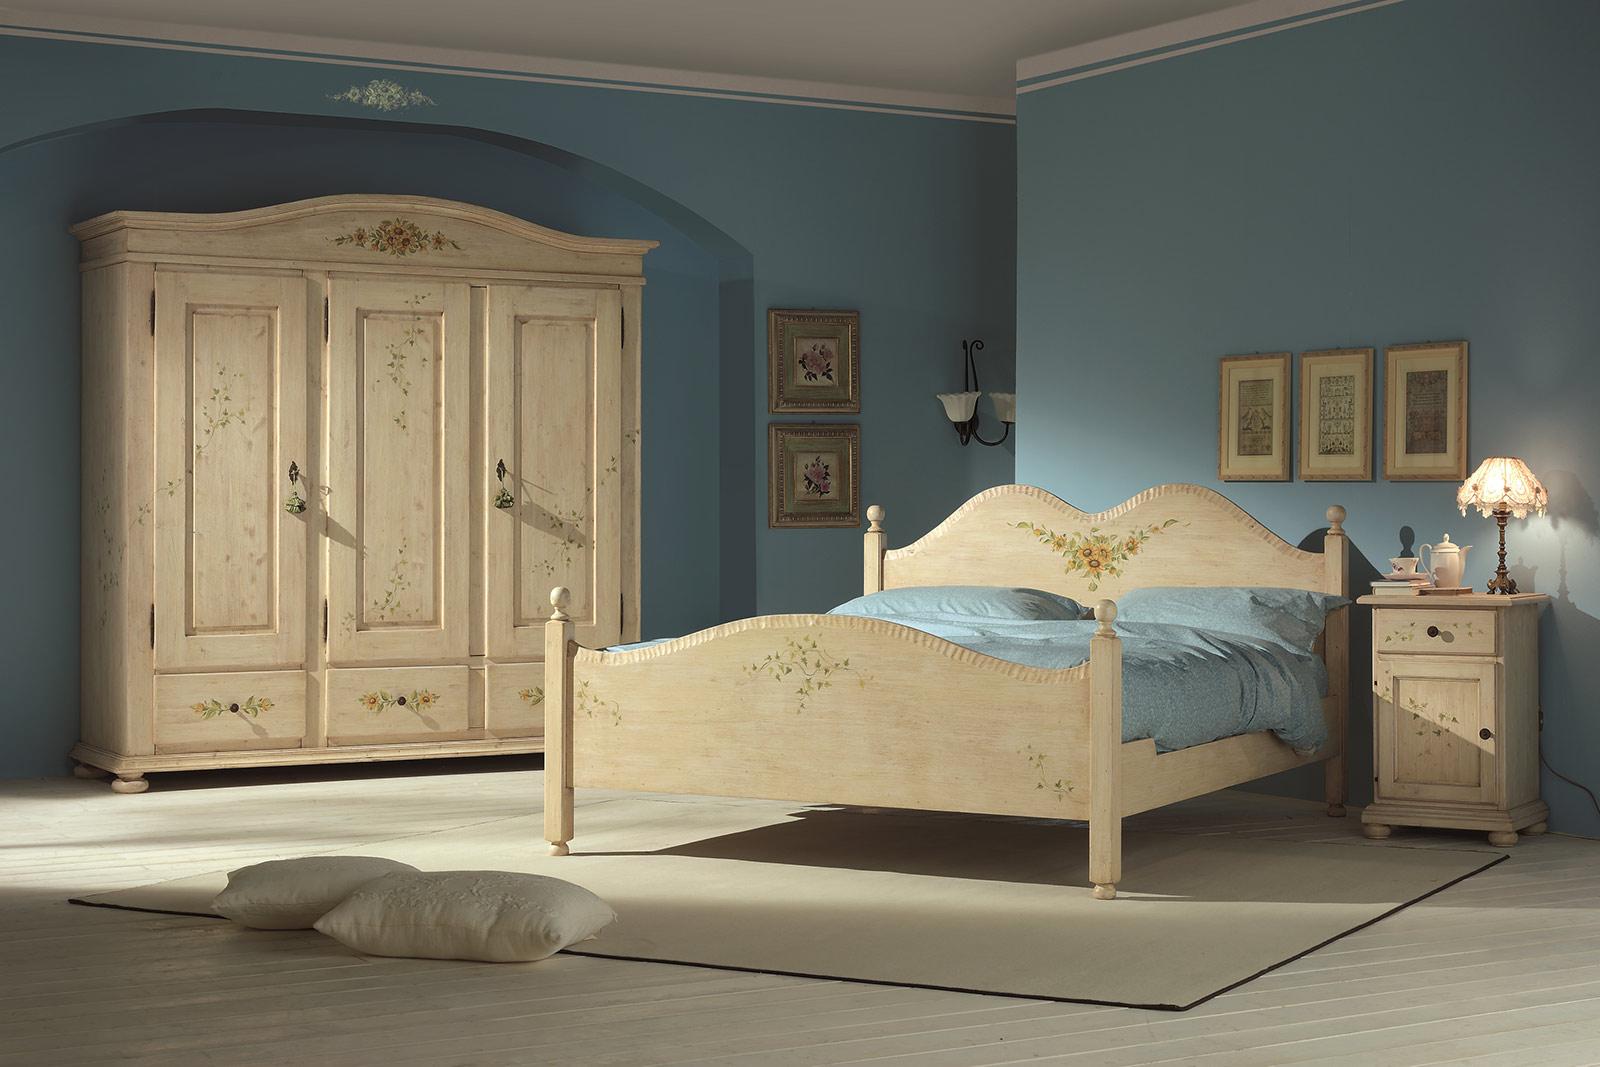 Camere da letto complete zona notte gruppo gradi - Tinte camere da letto ...